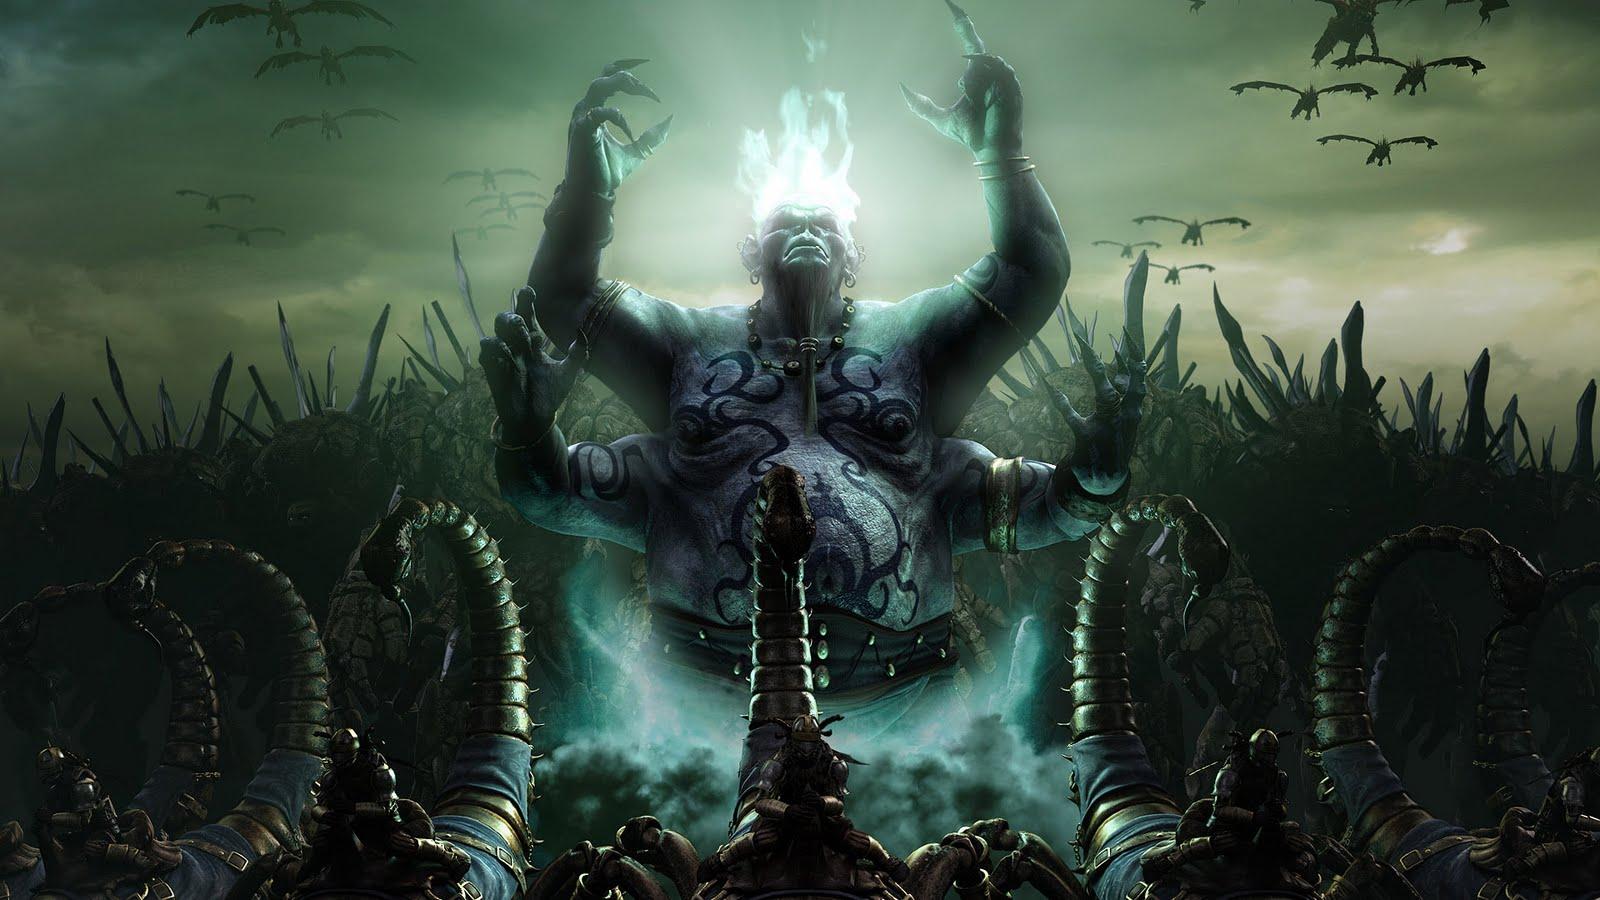 http://2.bp.blogspot.com/-ilMlGfHaTLg/TkFSizNg3wI/AAAAAAAAAHA/z4d1RSqTdK4/s1600/Monster-Wallpapers-2.jpg